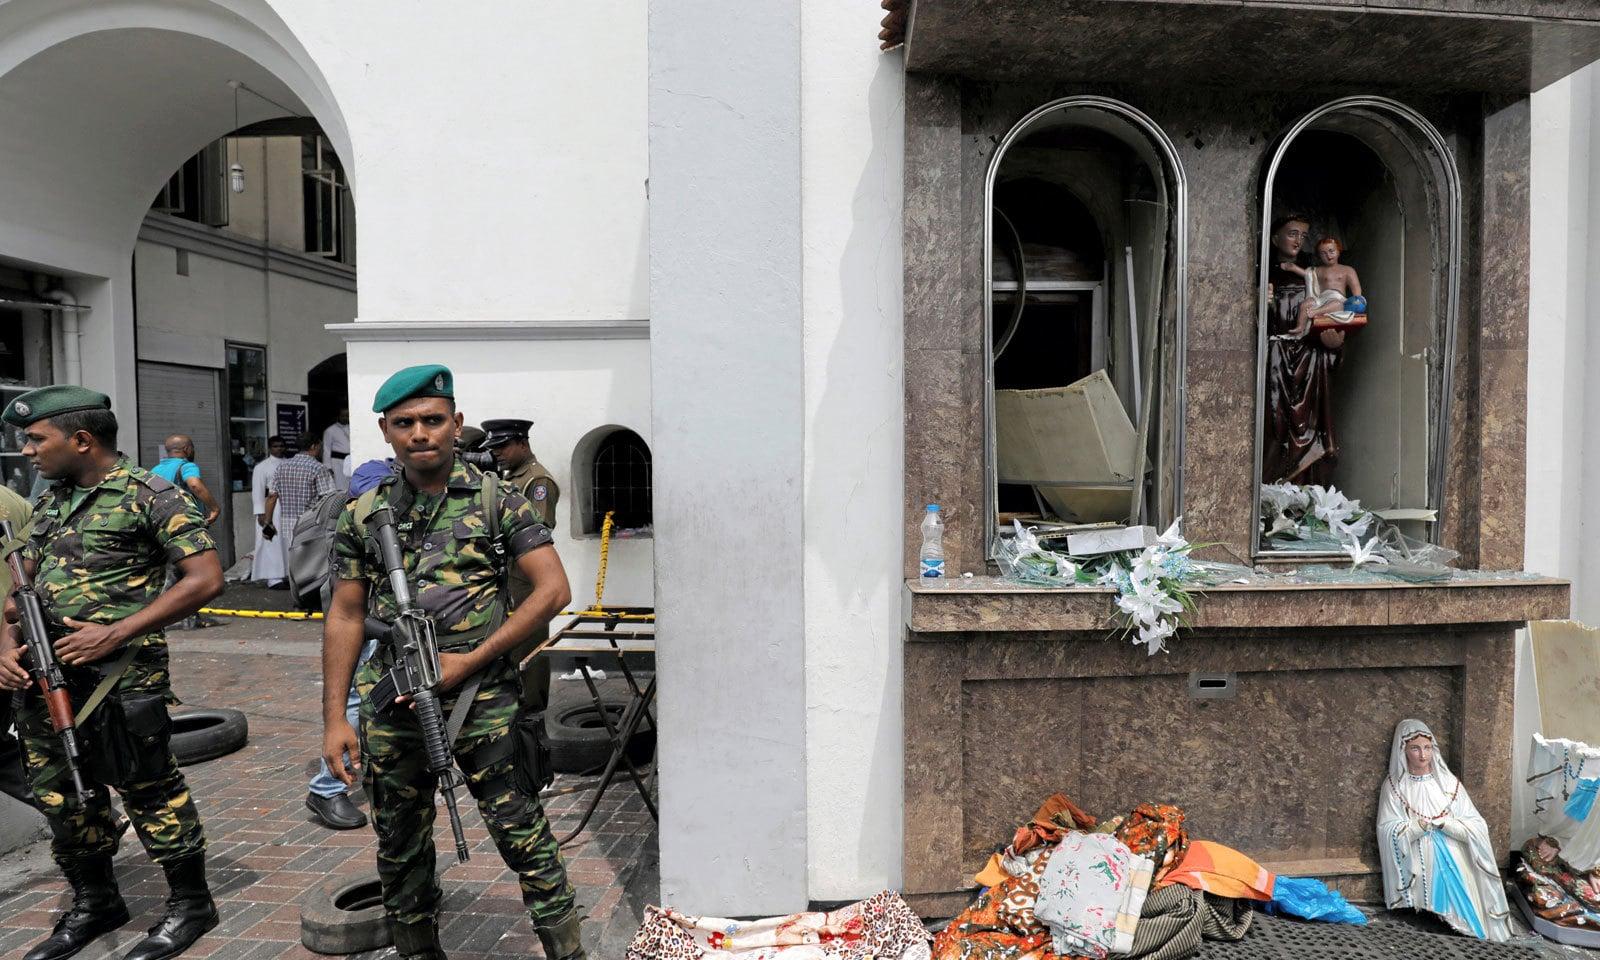 بم دھماکوں میں زخمی ہونے والے پاکستانیوں میں 3 خواتین اور ایک بچہ شامل ہے — فوٹو: رائٹرز